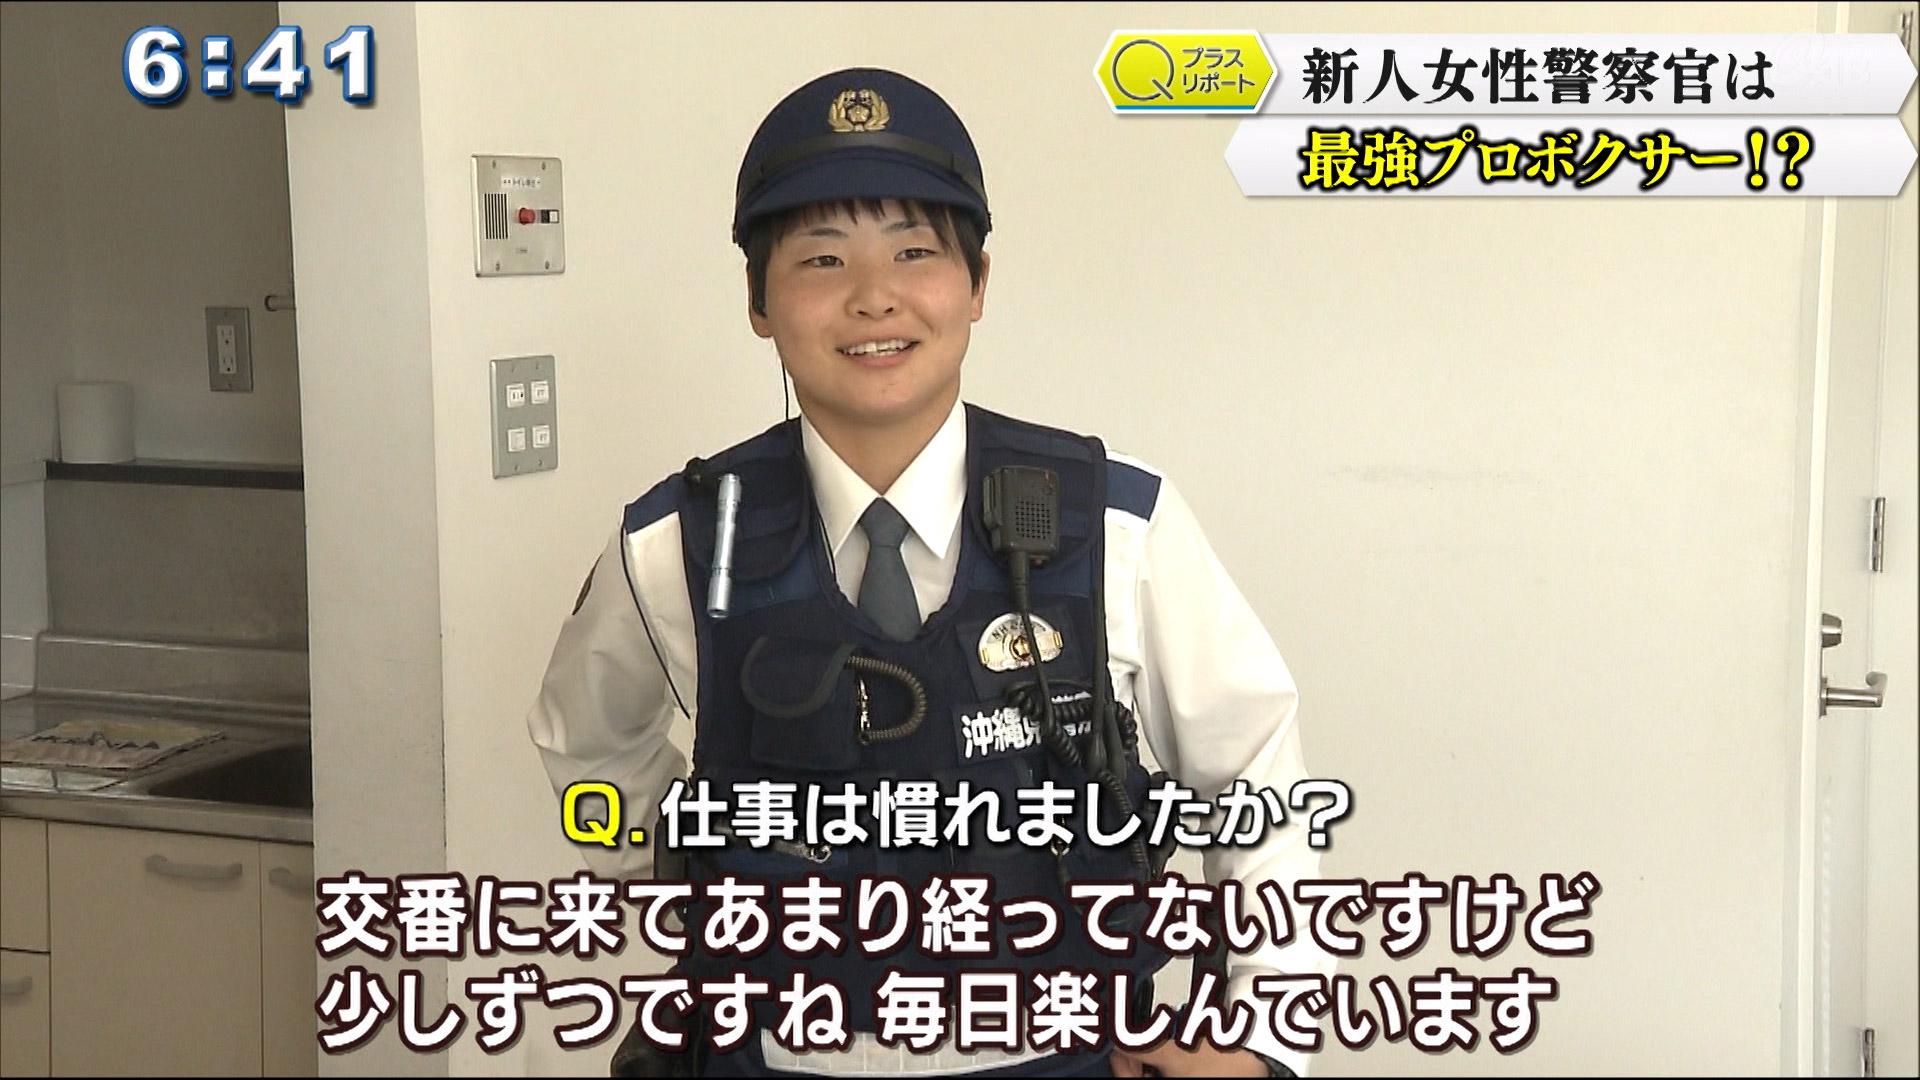 新人女性警察官は「最強プロボクサー」 – QAB NEWS Headline